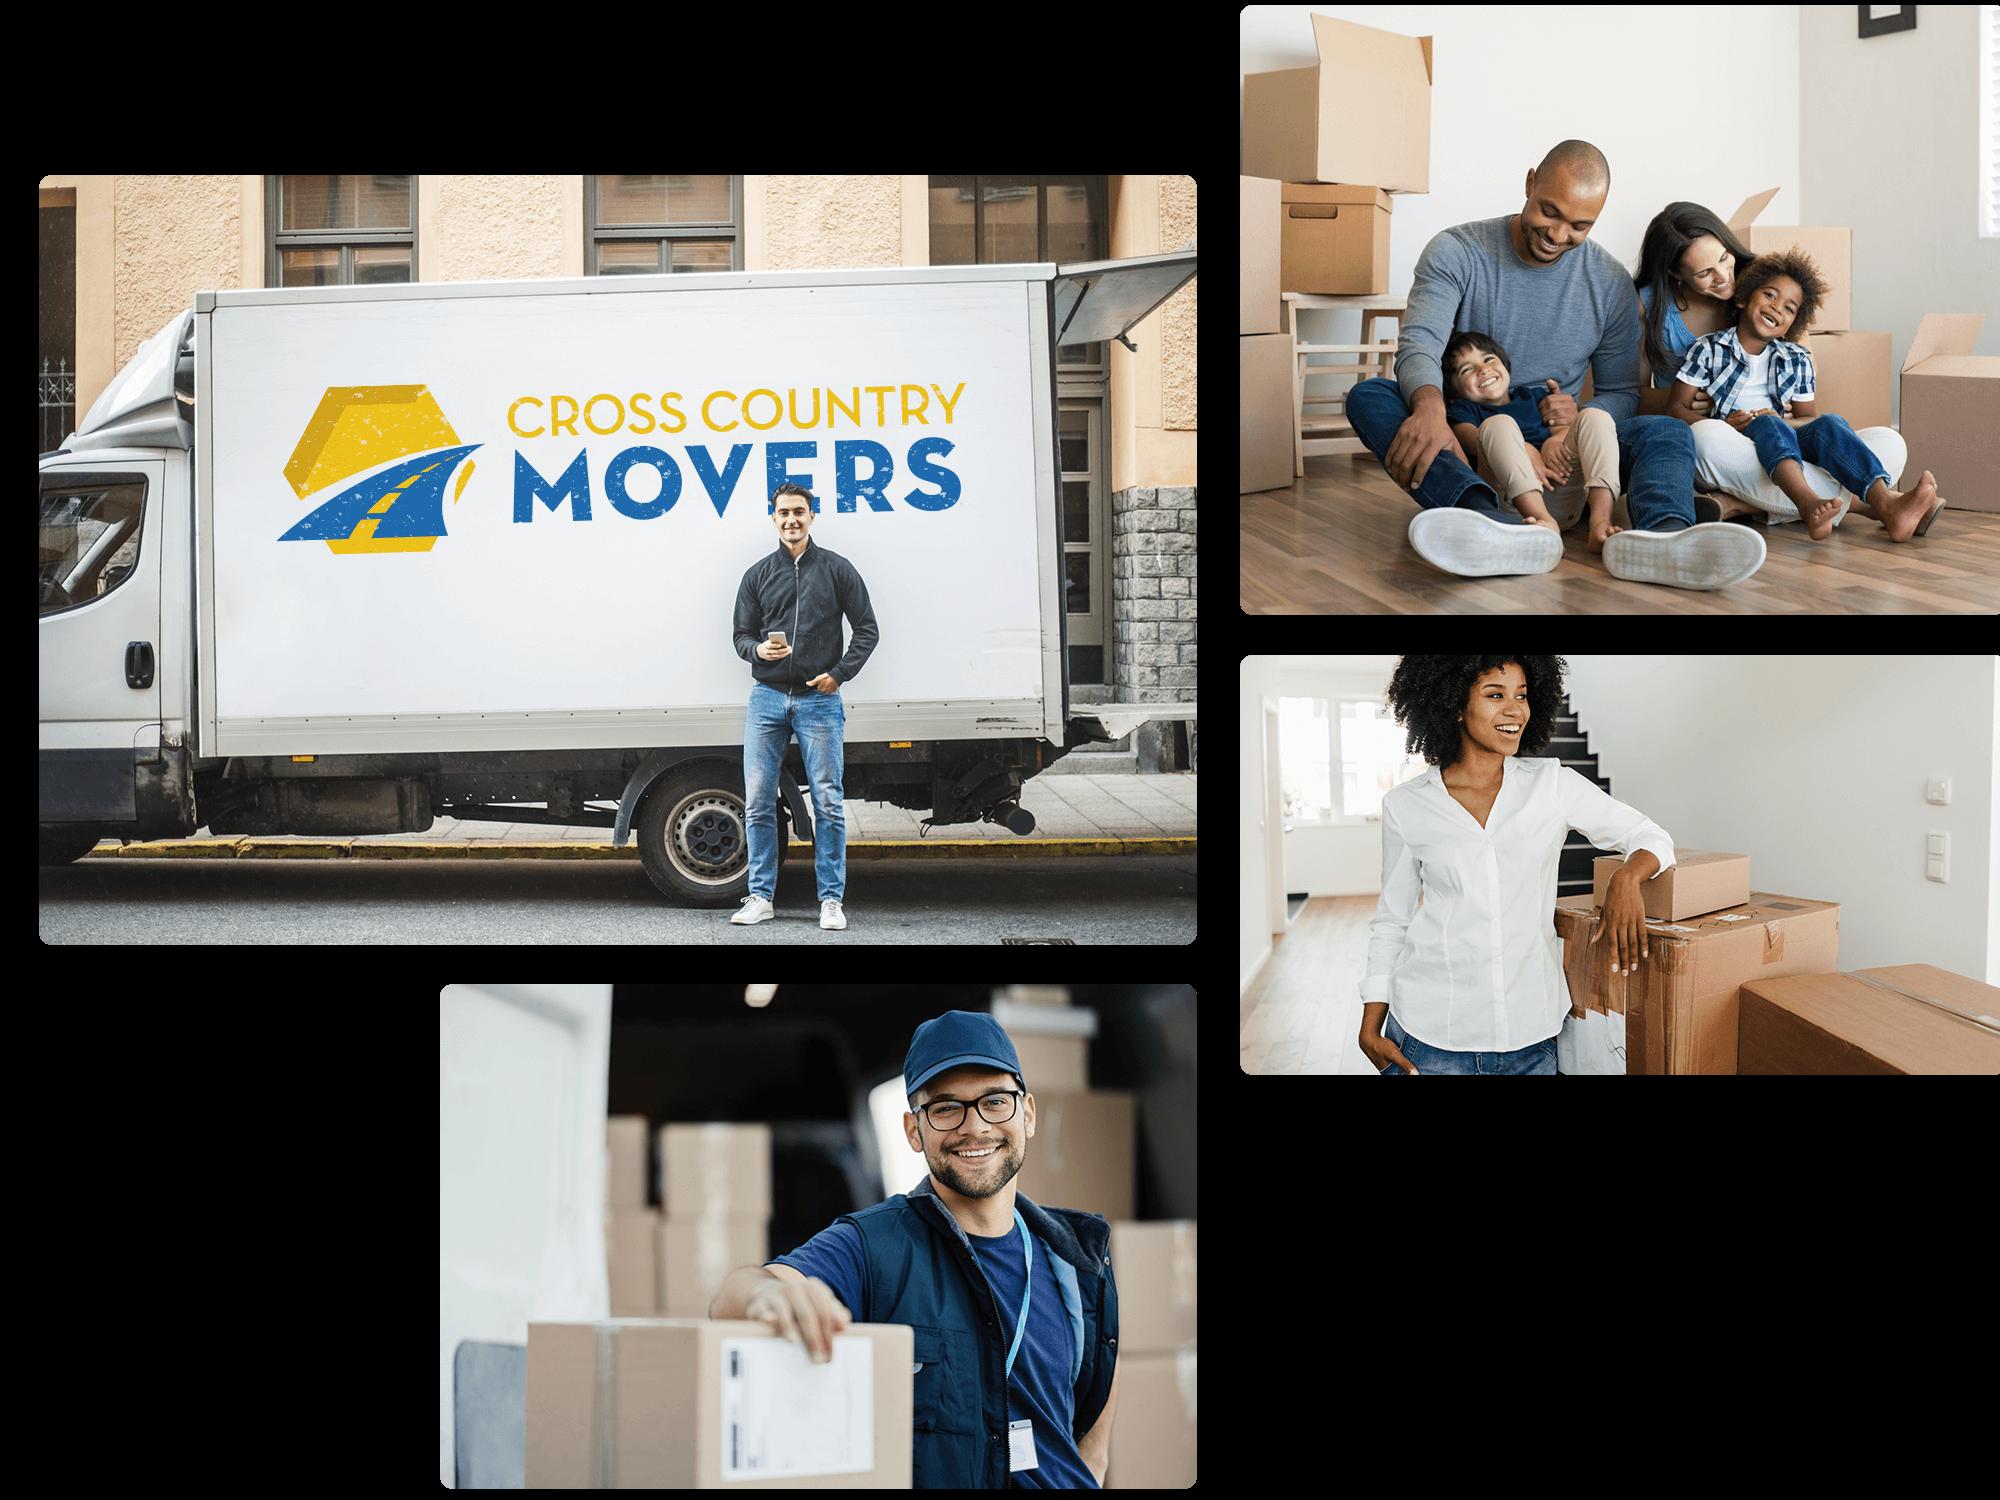 moving company marketing